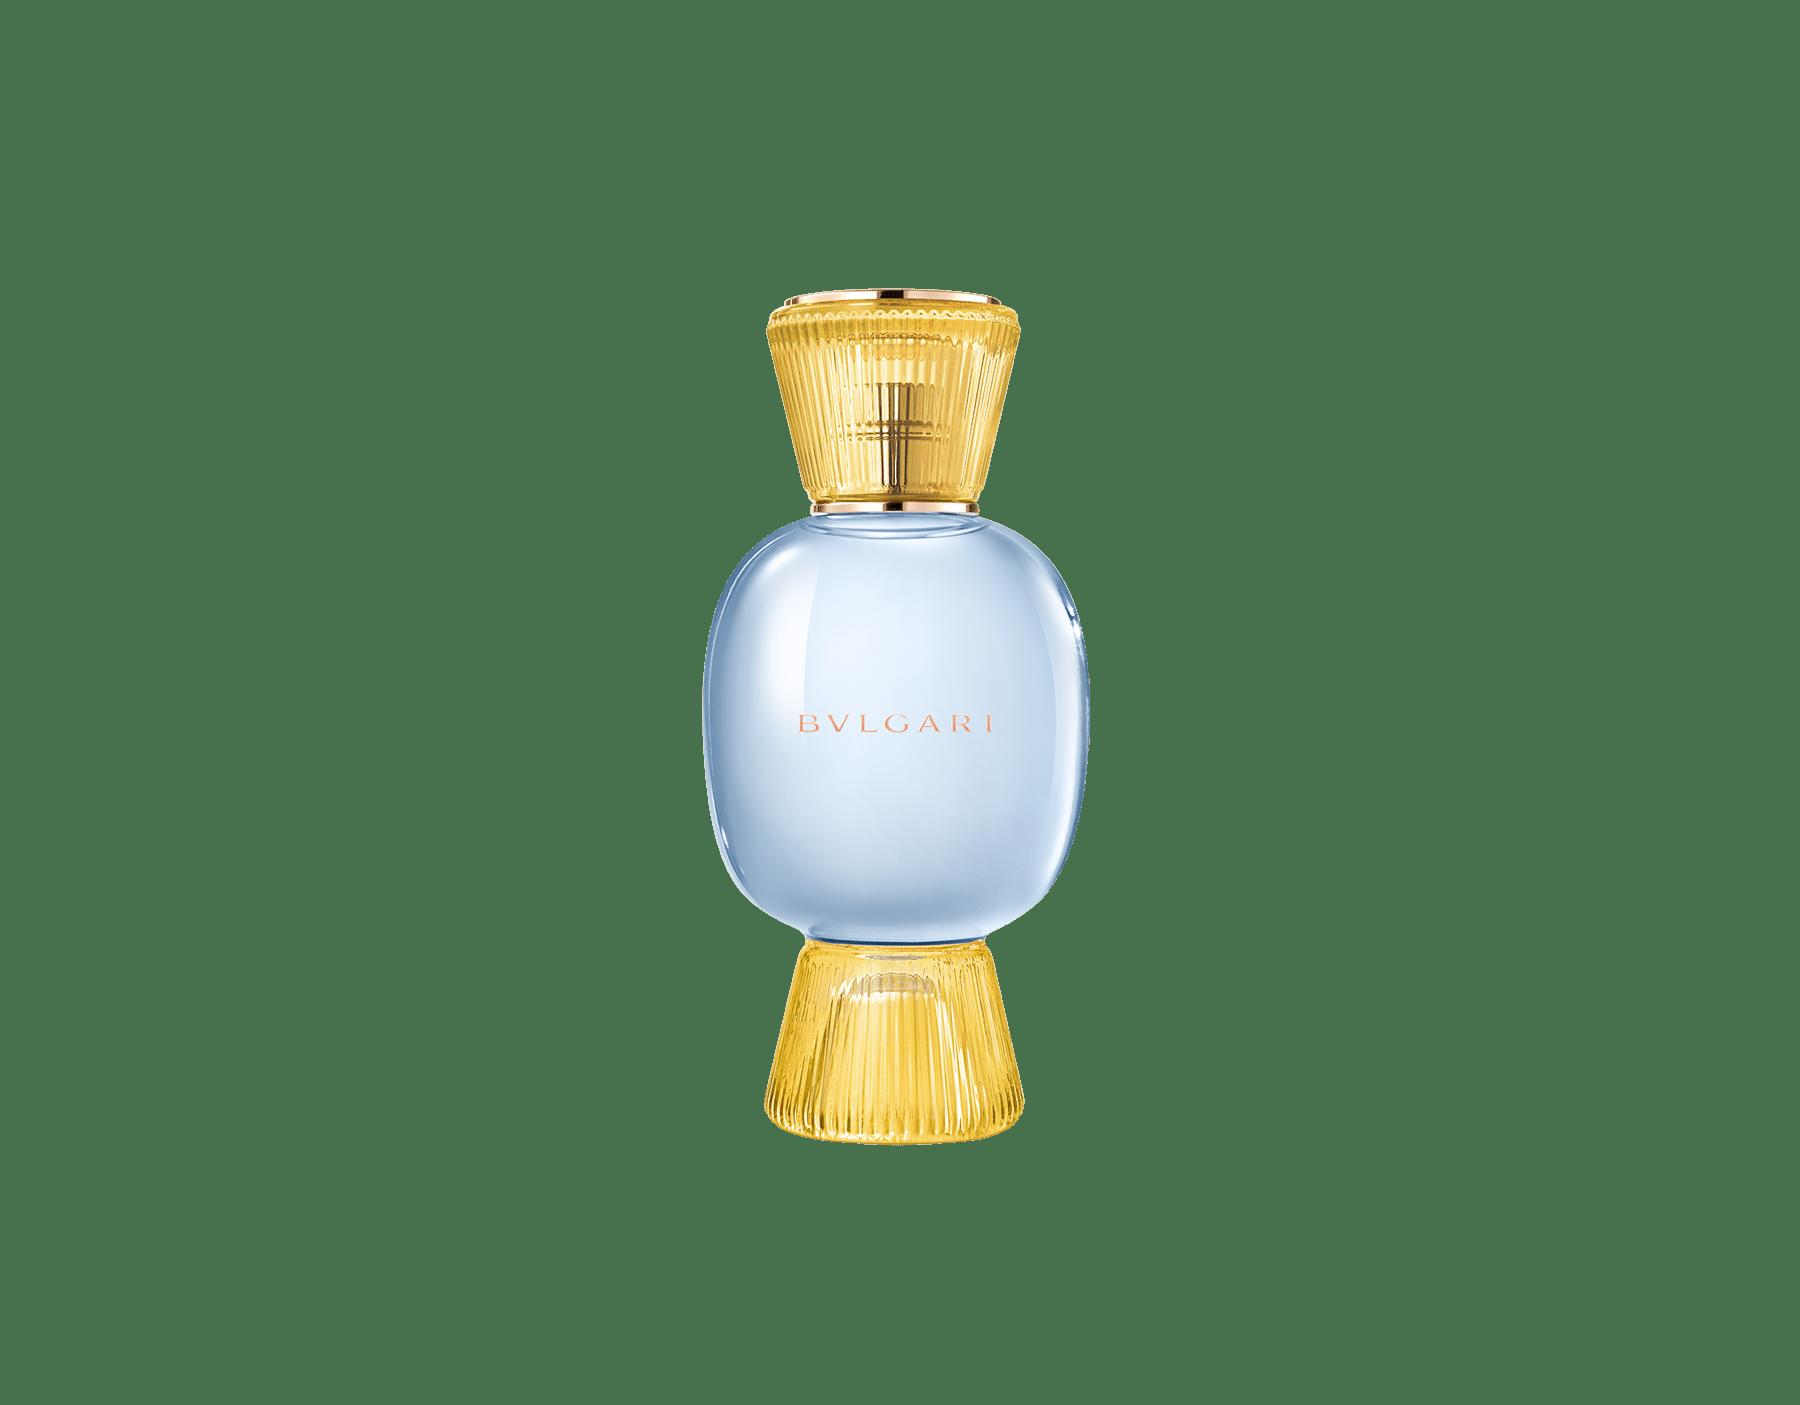 Una exclusiva combinación de perfumes, tan audaz y única como usted. El Eau de Parfum cítrico espumoso Riva Solare de Allegra se combina con la fuerte sensualidad de la Magnifying Patchouli Essence, creando un irresistible perfume femenino personalizado.  Perfume-Set-Riva-Solare-Eau-de-Parfum-and-Patchouli-Magnifying image 2